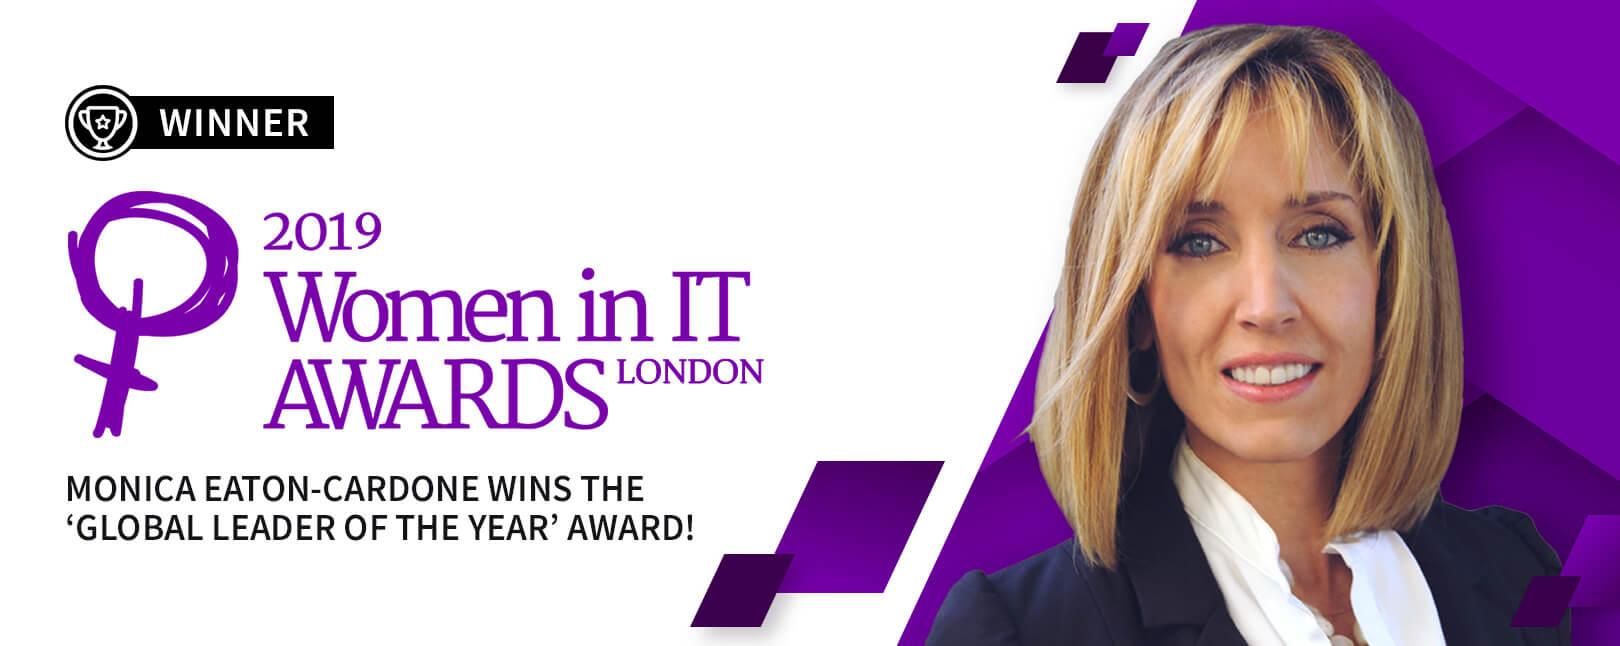 2019 Women in IT Awards London Winner